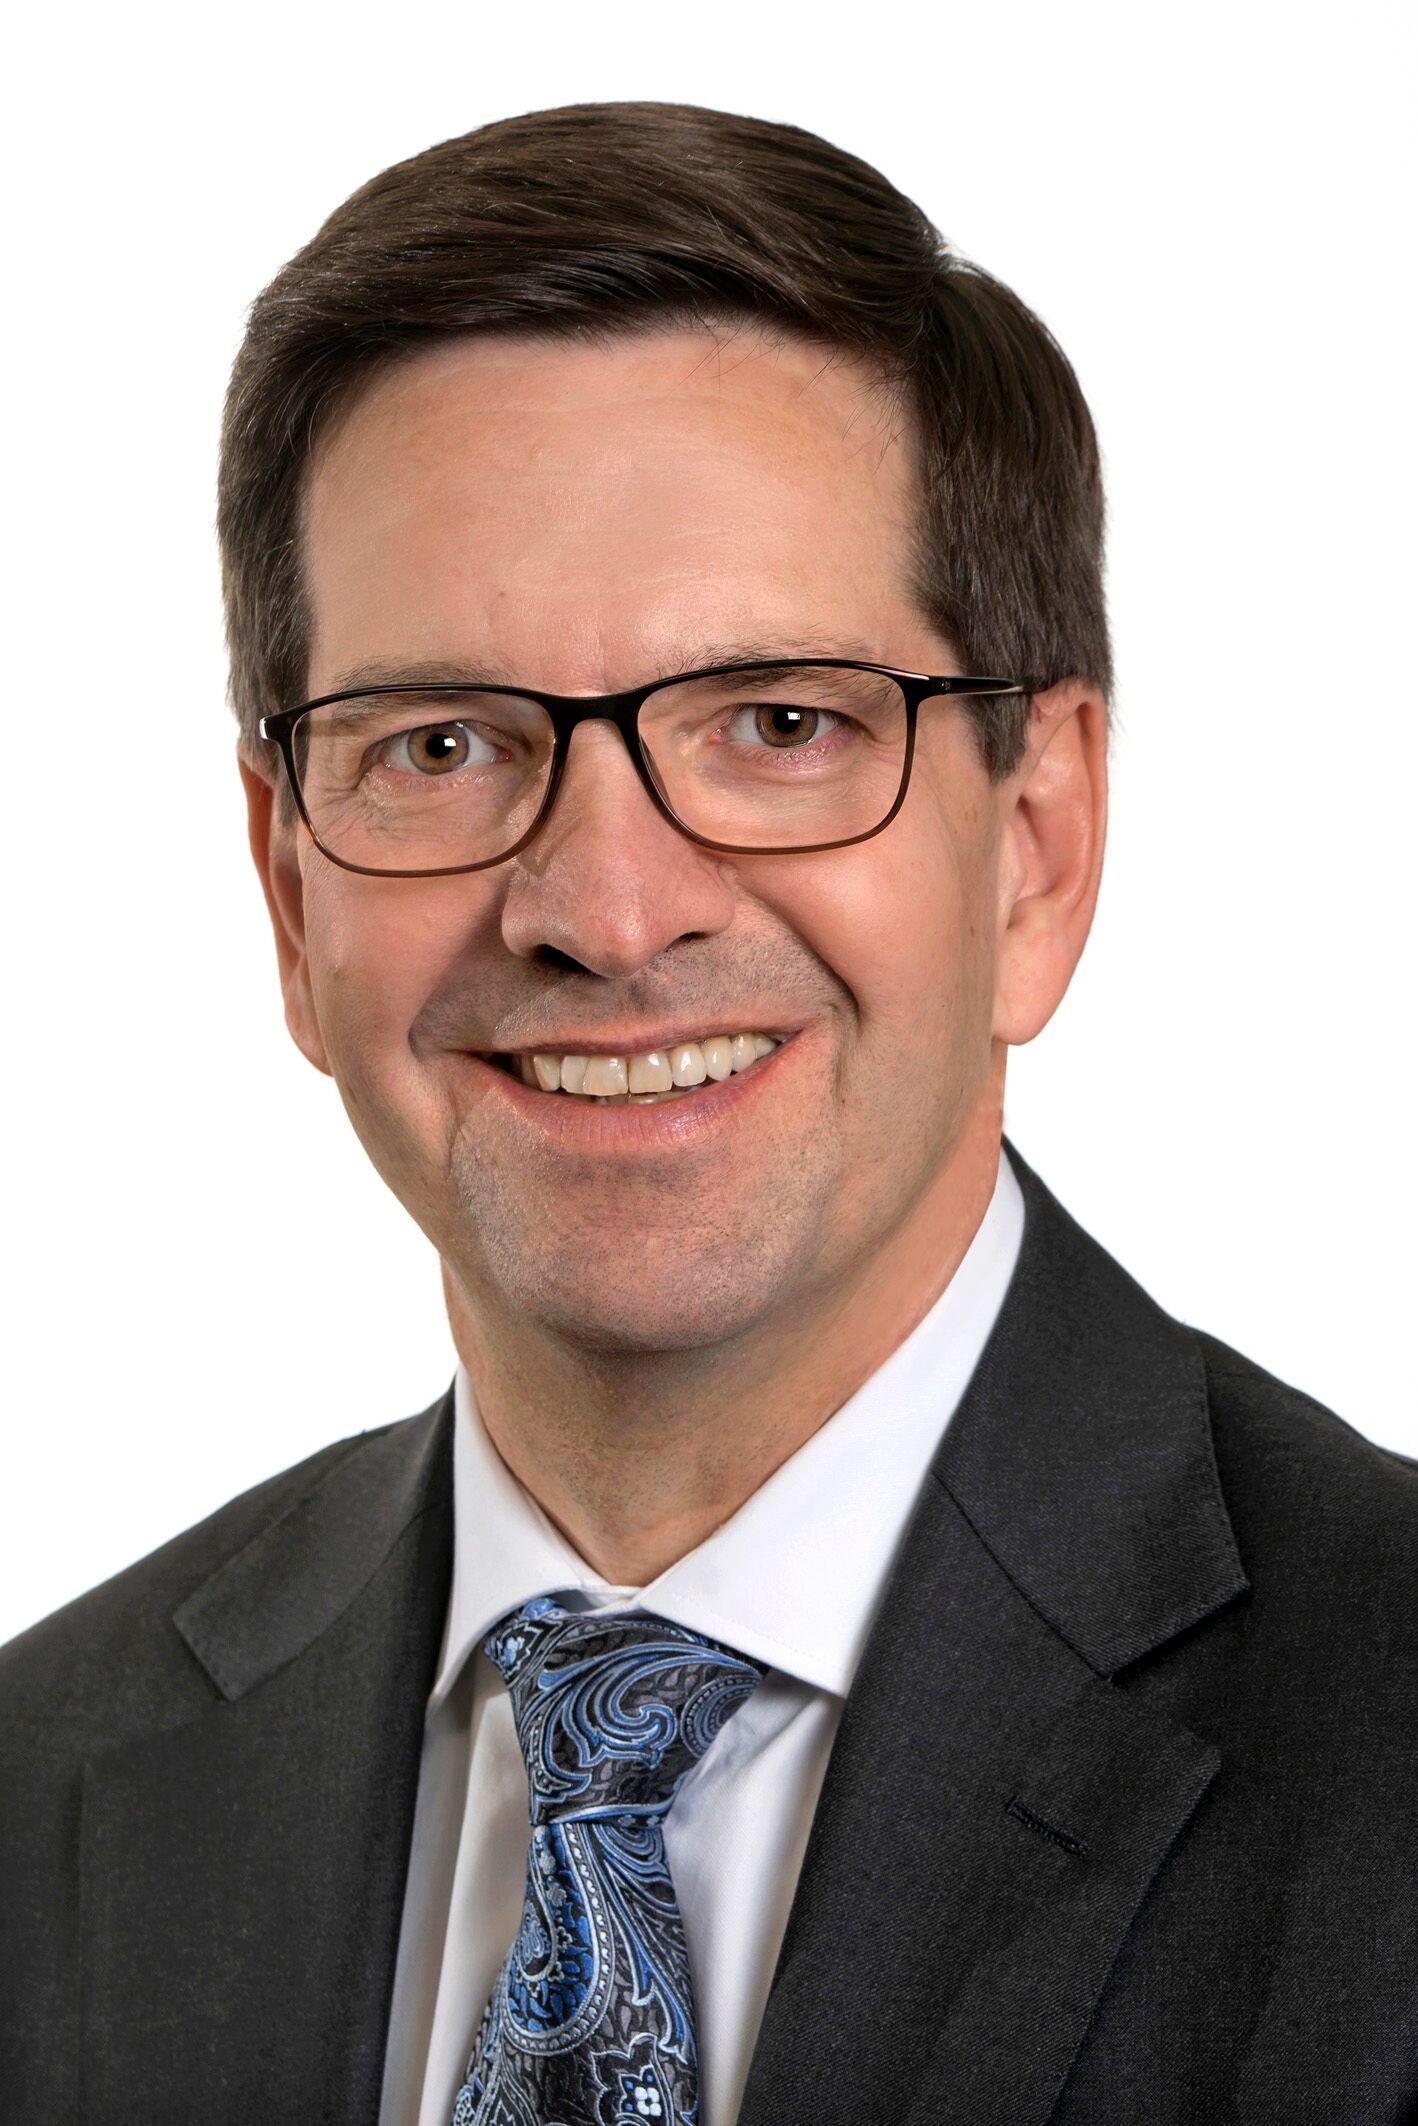 Kai-Otto Landwehr, Leiter des Commercial-Finance-Geschäfts von Siemens Financial Services in Deutschland und Vorsitzender der Geschäftsführung der Siemens Finance & Leasing GmbH